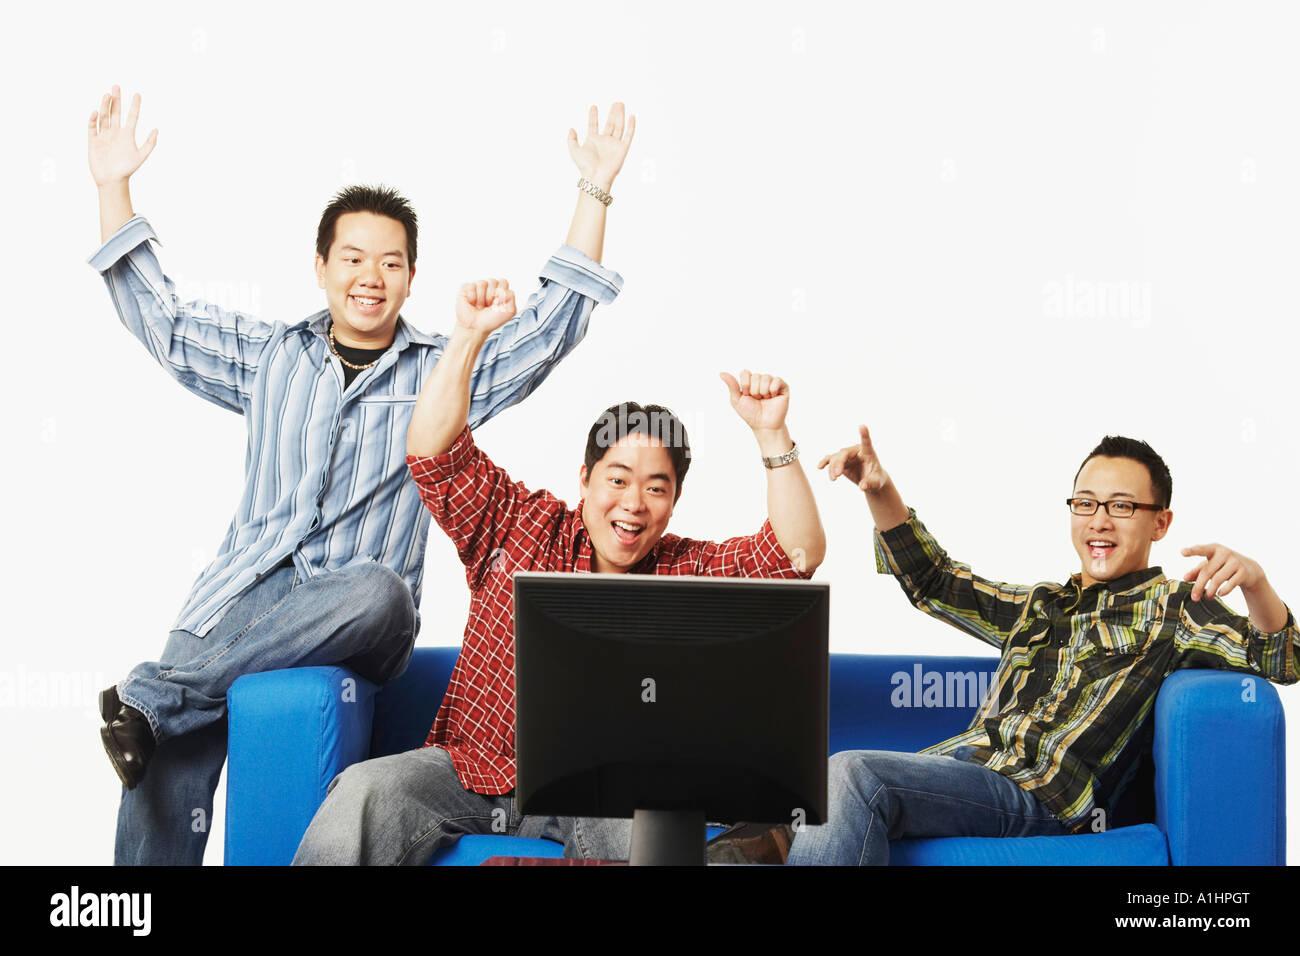 Nahaufnahme von drei jungen Männern, die jubeln vor einem flat-Screen-monitor Stockbild